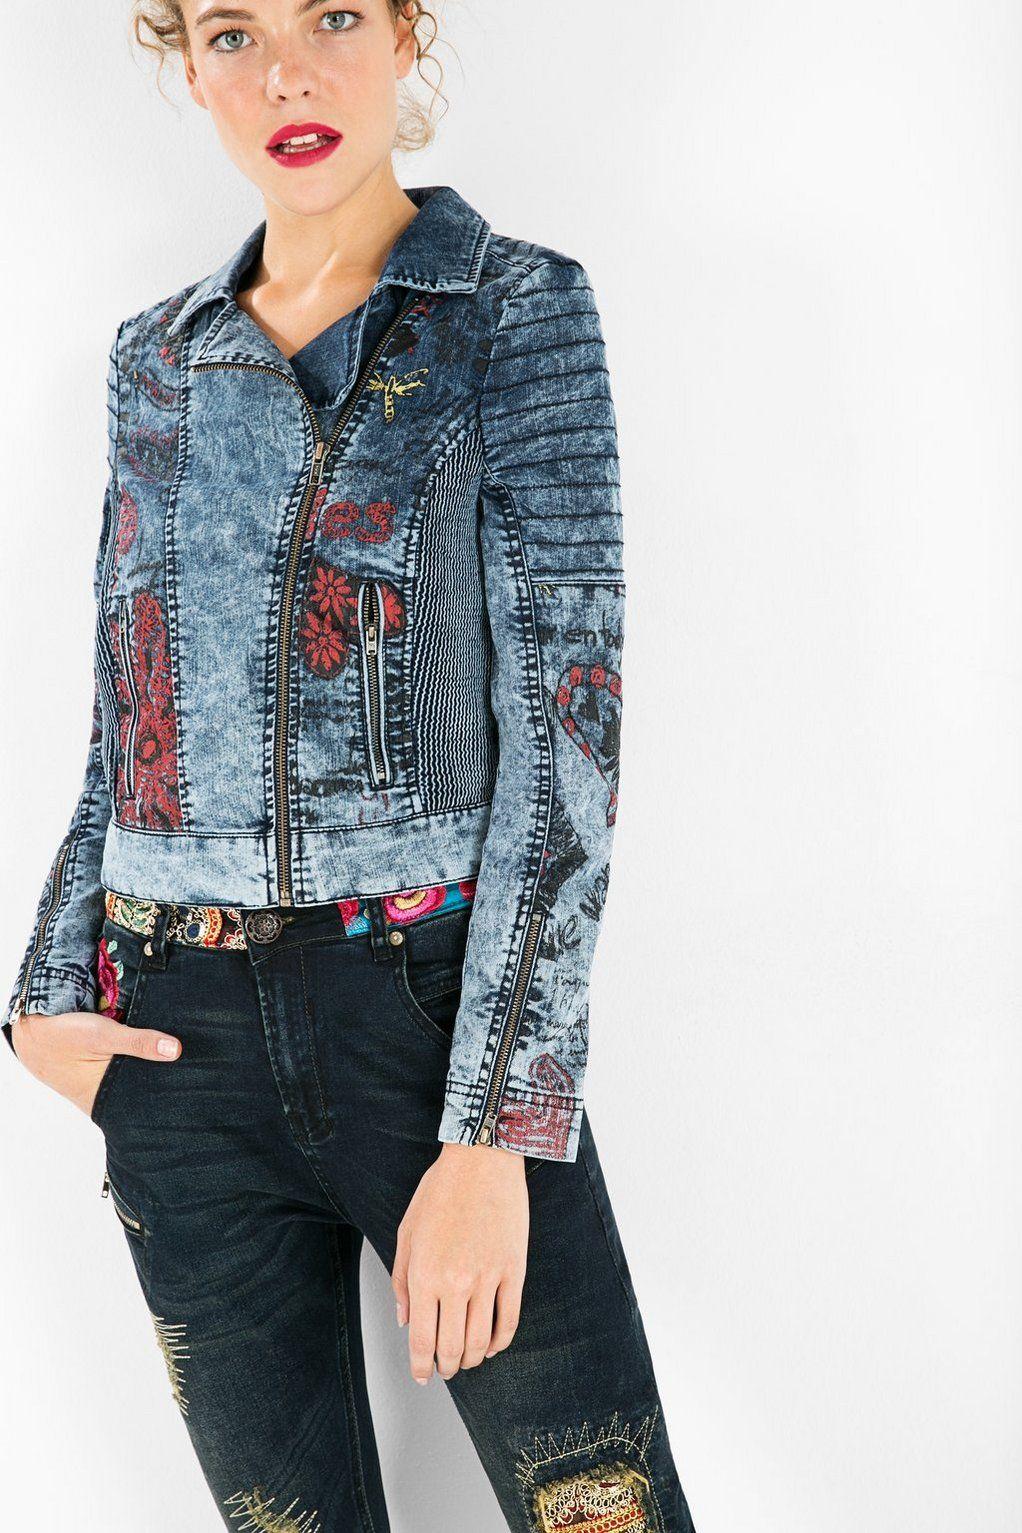 9e7c5832fb0a Veste en jean imprimé Moto Cors Desigual pas cher prix Veste en jeans Femme  Desigual 149.00 €